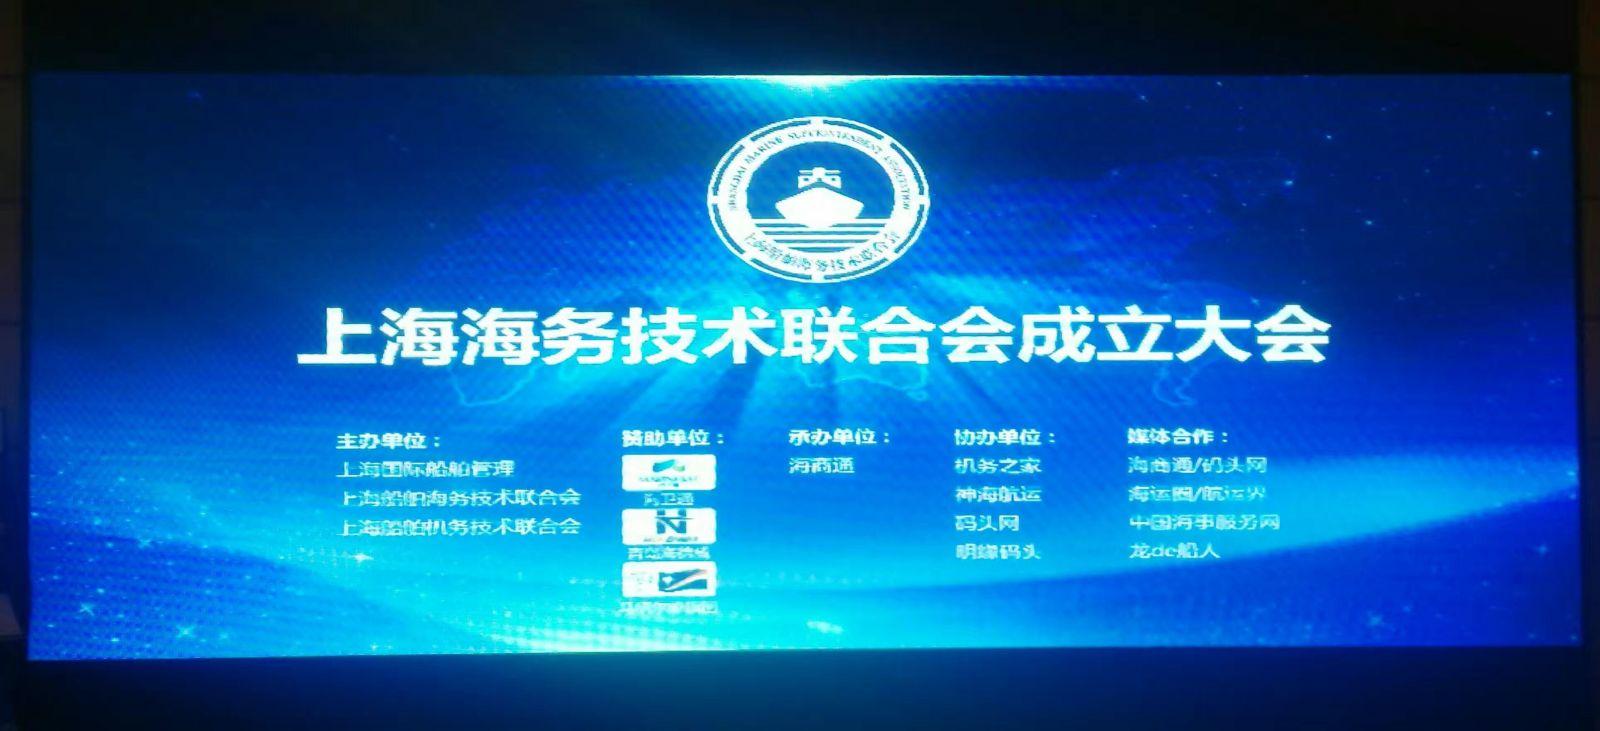 上海船舶海务技术联合会正式成立